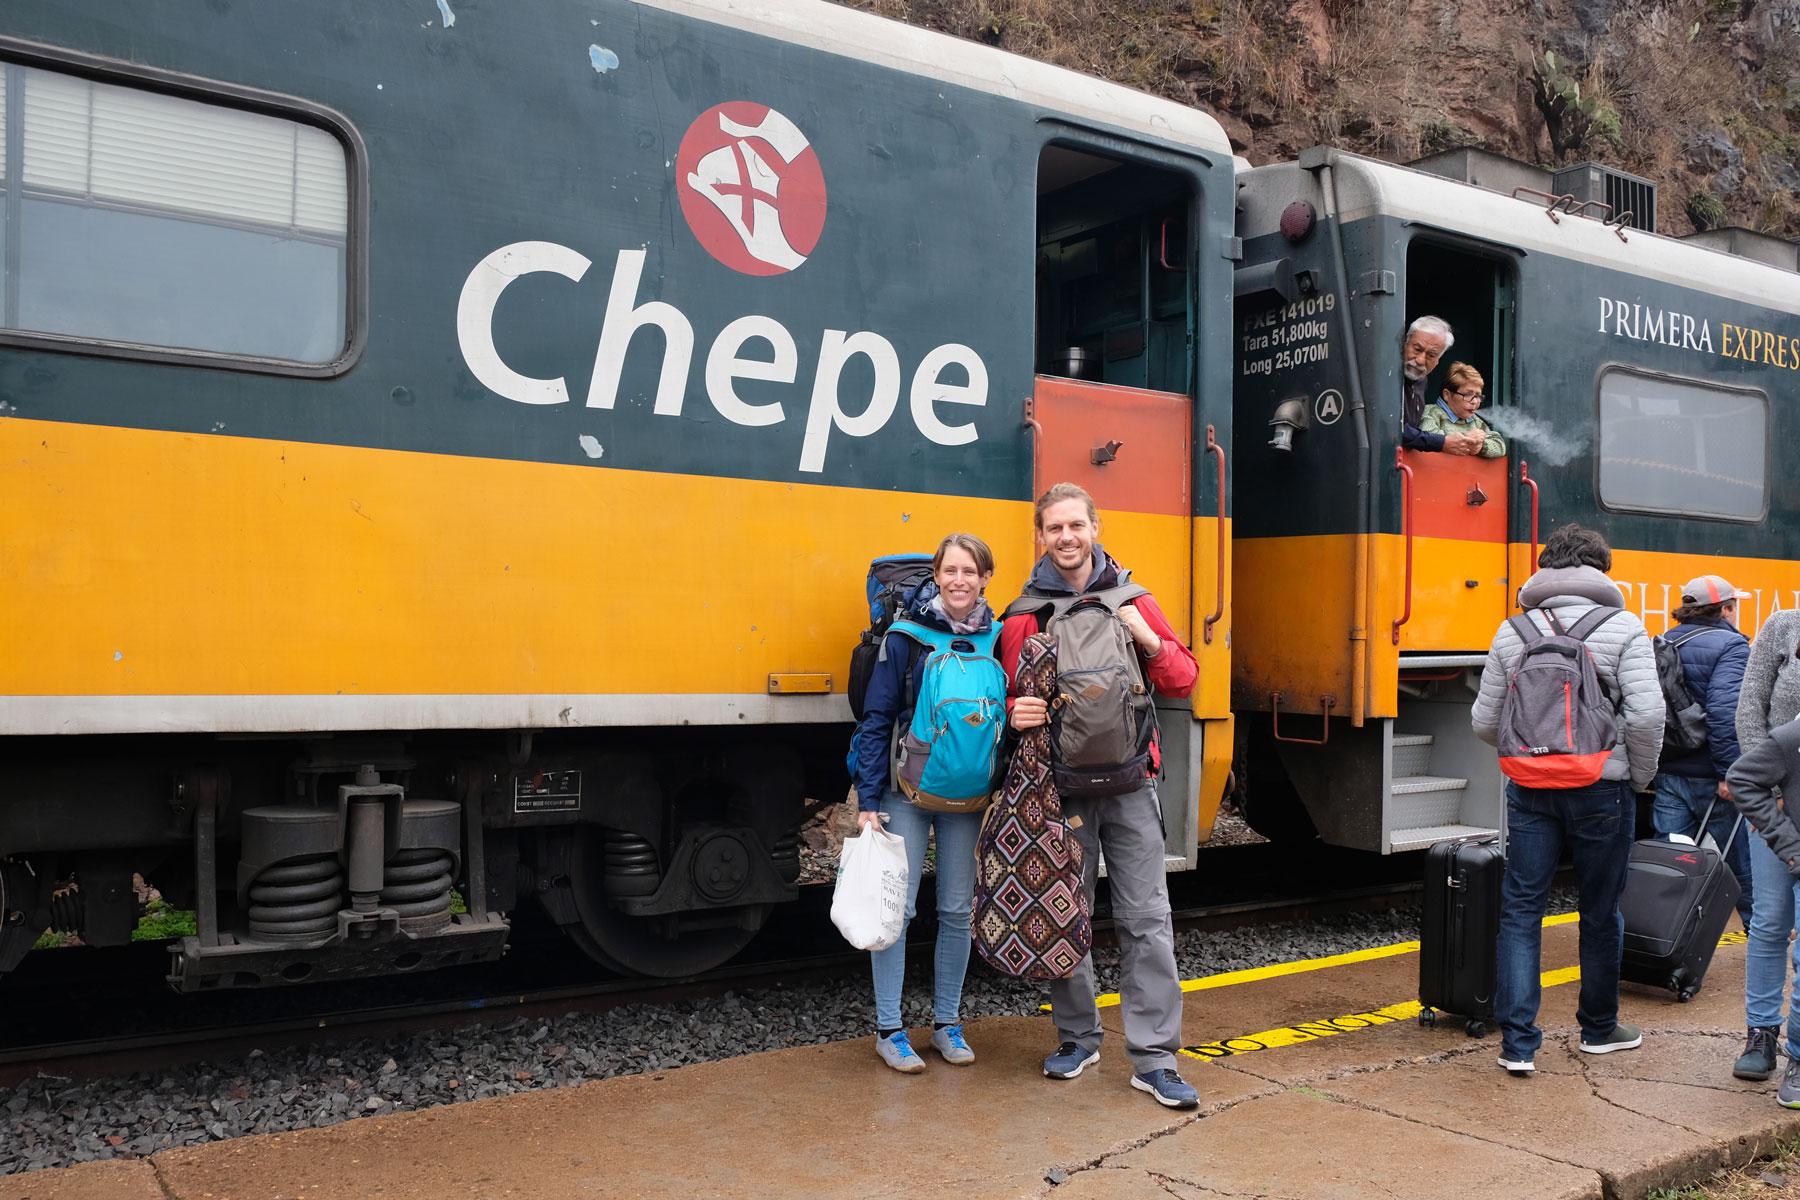 Leo und Sebastian vor dem Zug Chepe in Nordmexiko.